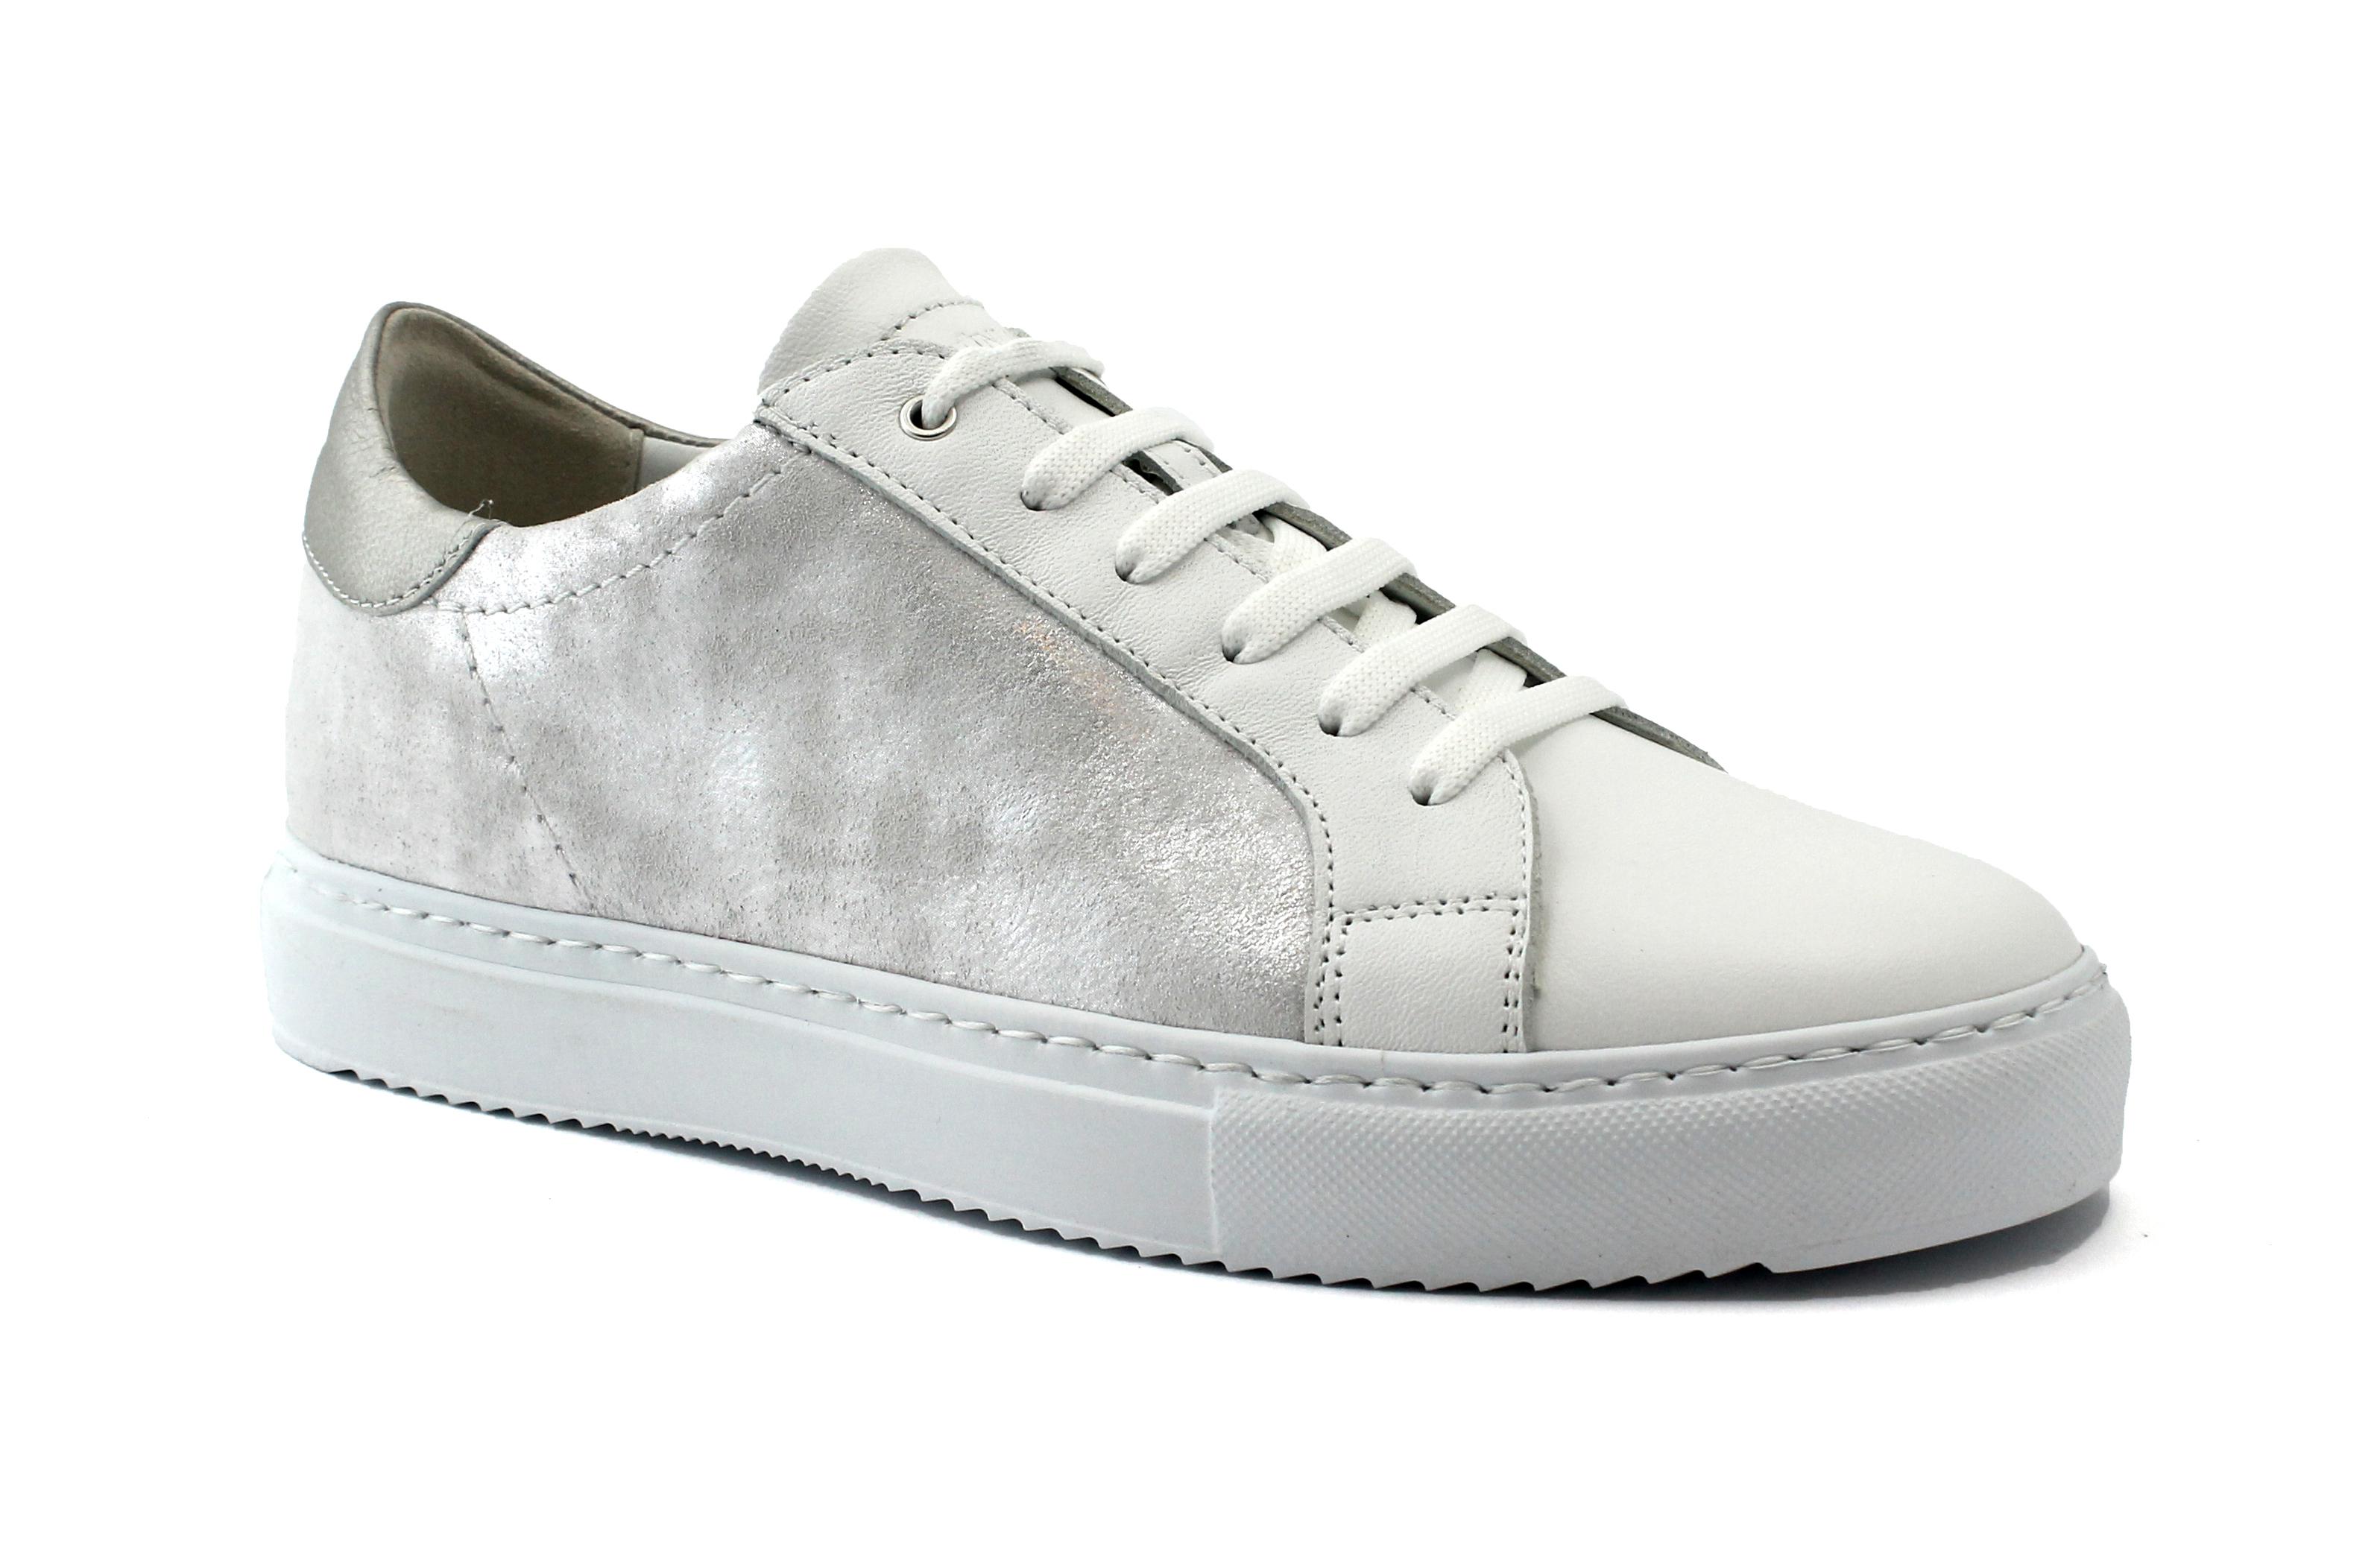 GRUNLAND GRUNLAND GRUNLAND HOAN SC4567 baskets chaussures femme argent lasso 8d04b8